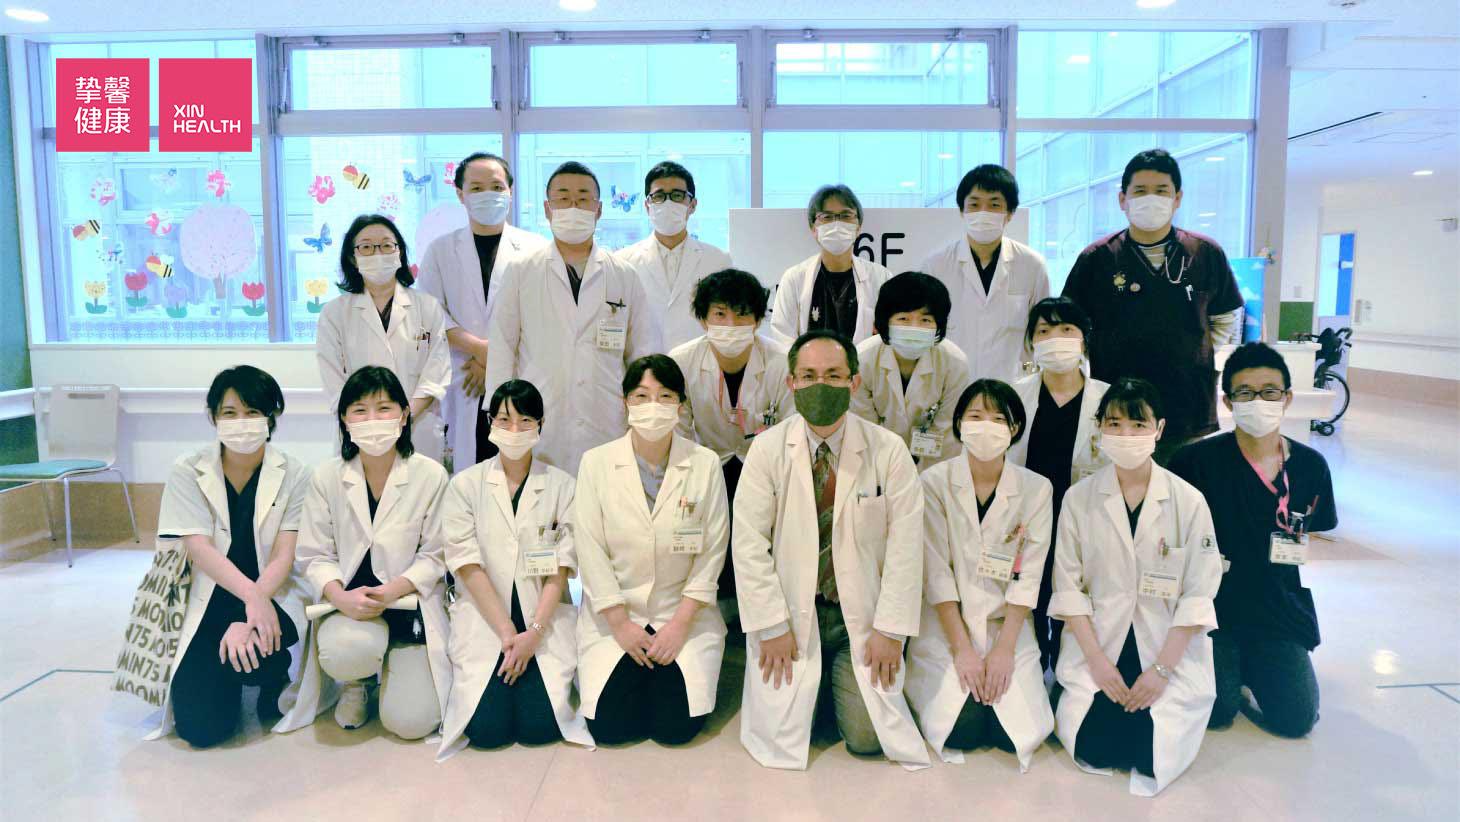 岛根大学病院医学部附属病院 儿科团队